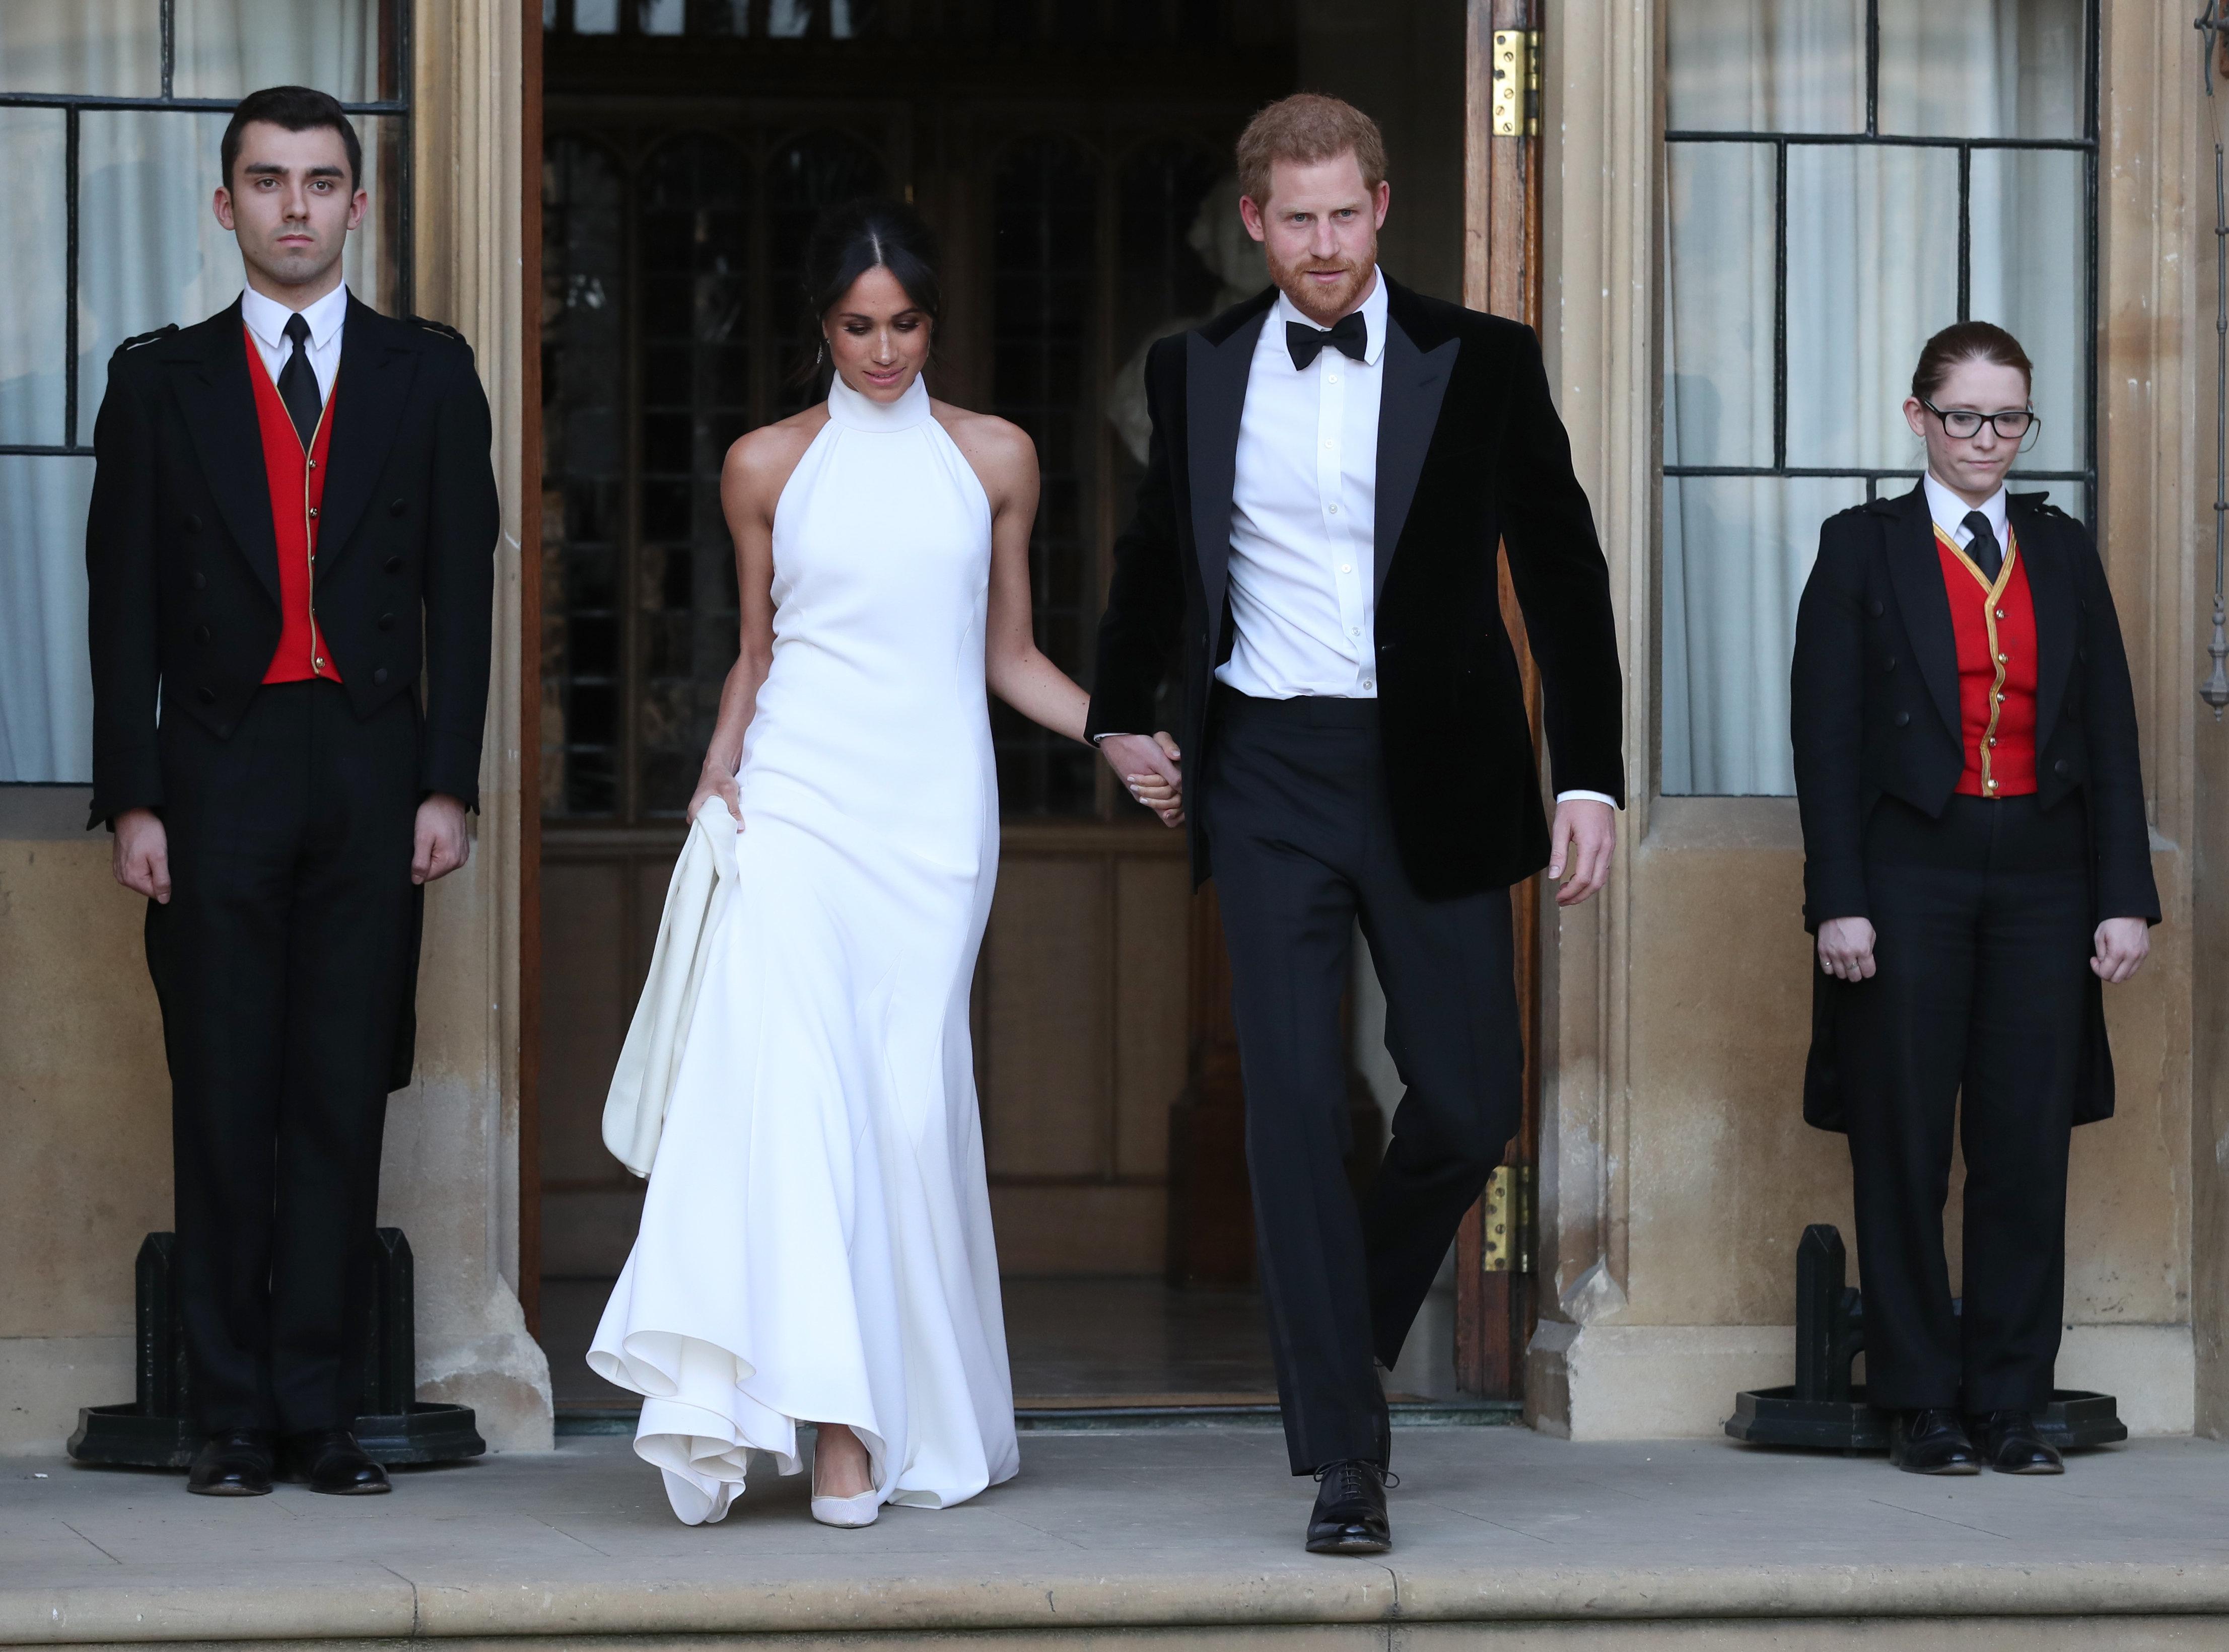 Αυτός είναι ο συμβολισμός πίσω από το δεύτερο νυφικό που φόρεσε η Meghan Markle στο γαμήλιο